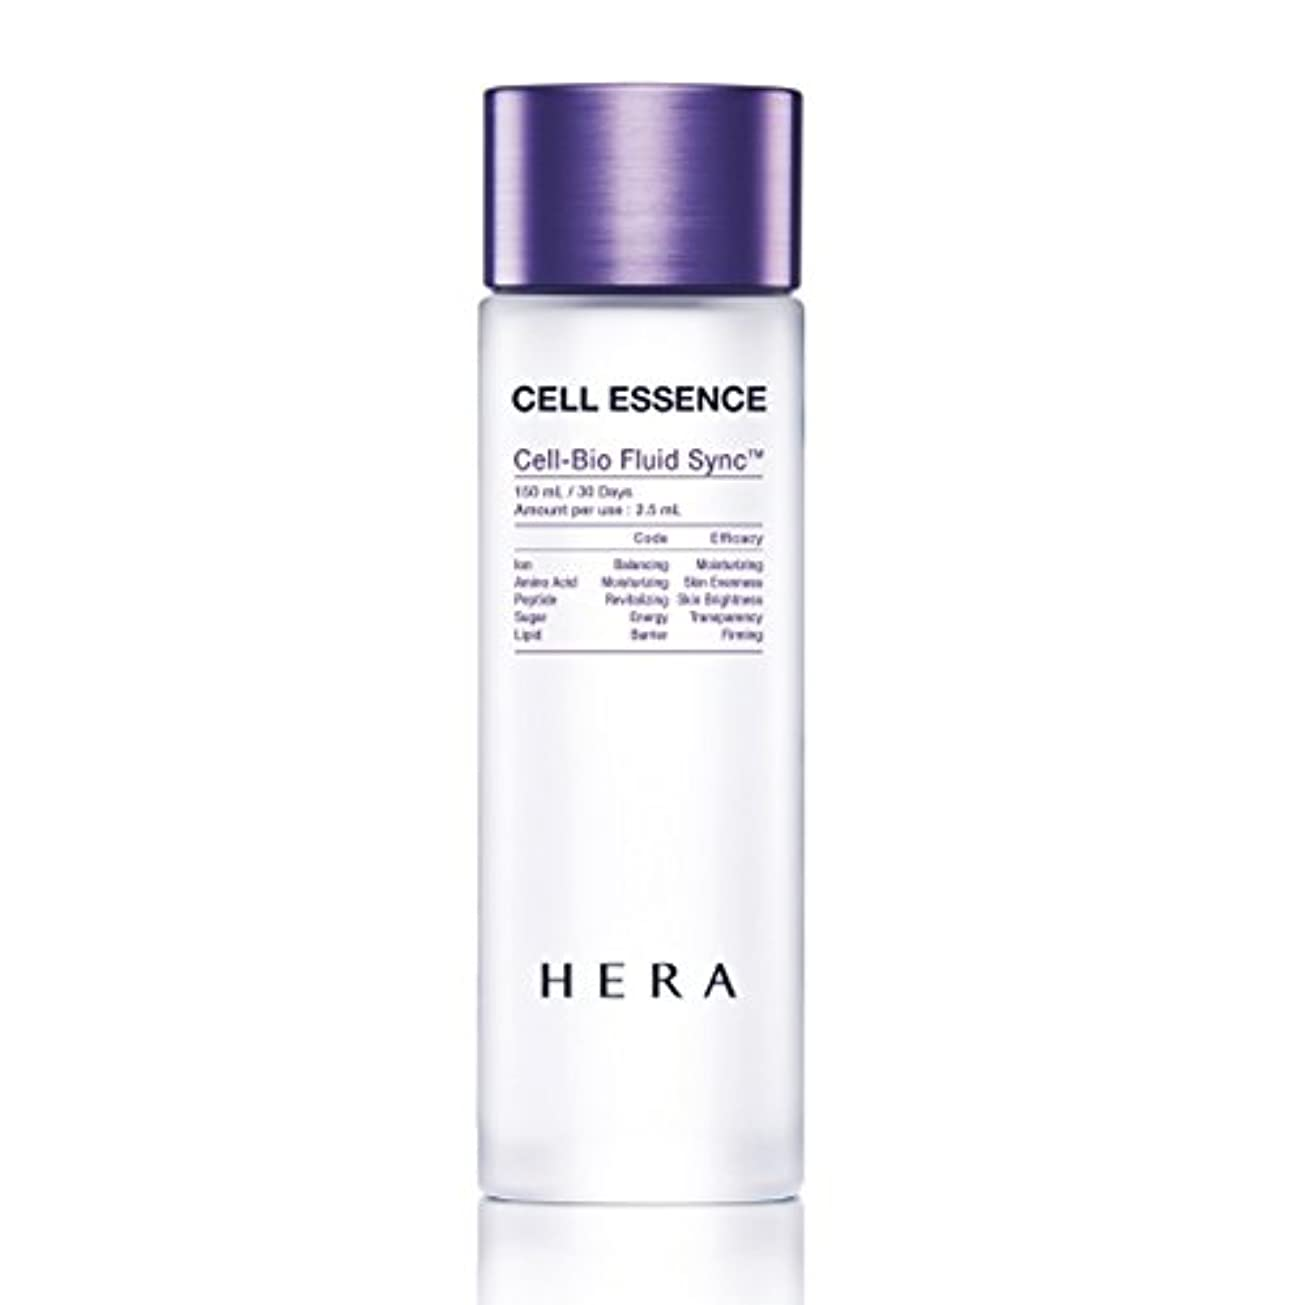 トロリーバス大通り傾斜[ヘラ/HERA]HERA CELL ESSENCE/ヘラ セル エッセンス 150ml【美容液】(海外直送品)